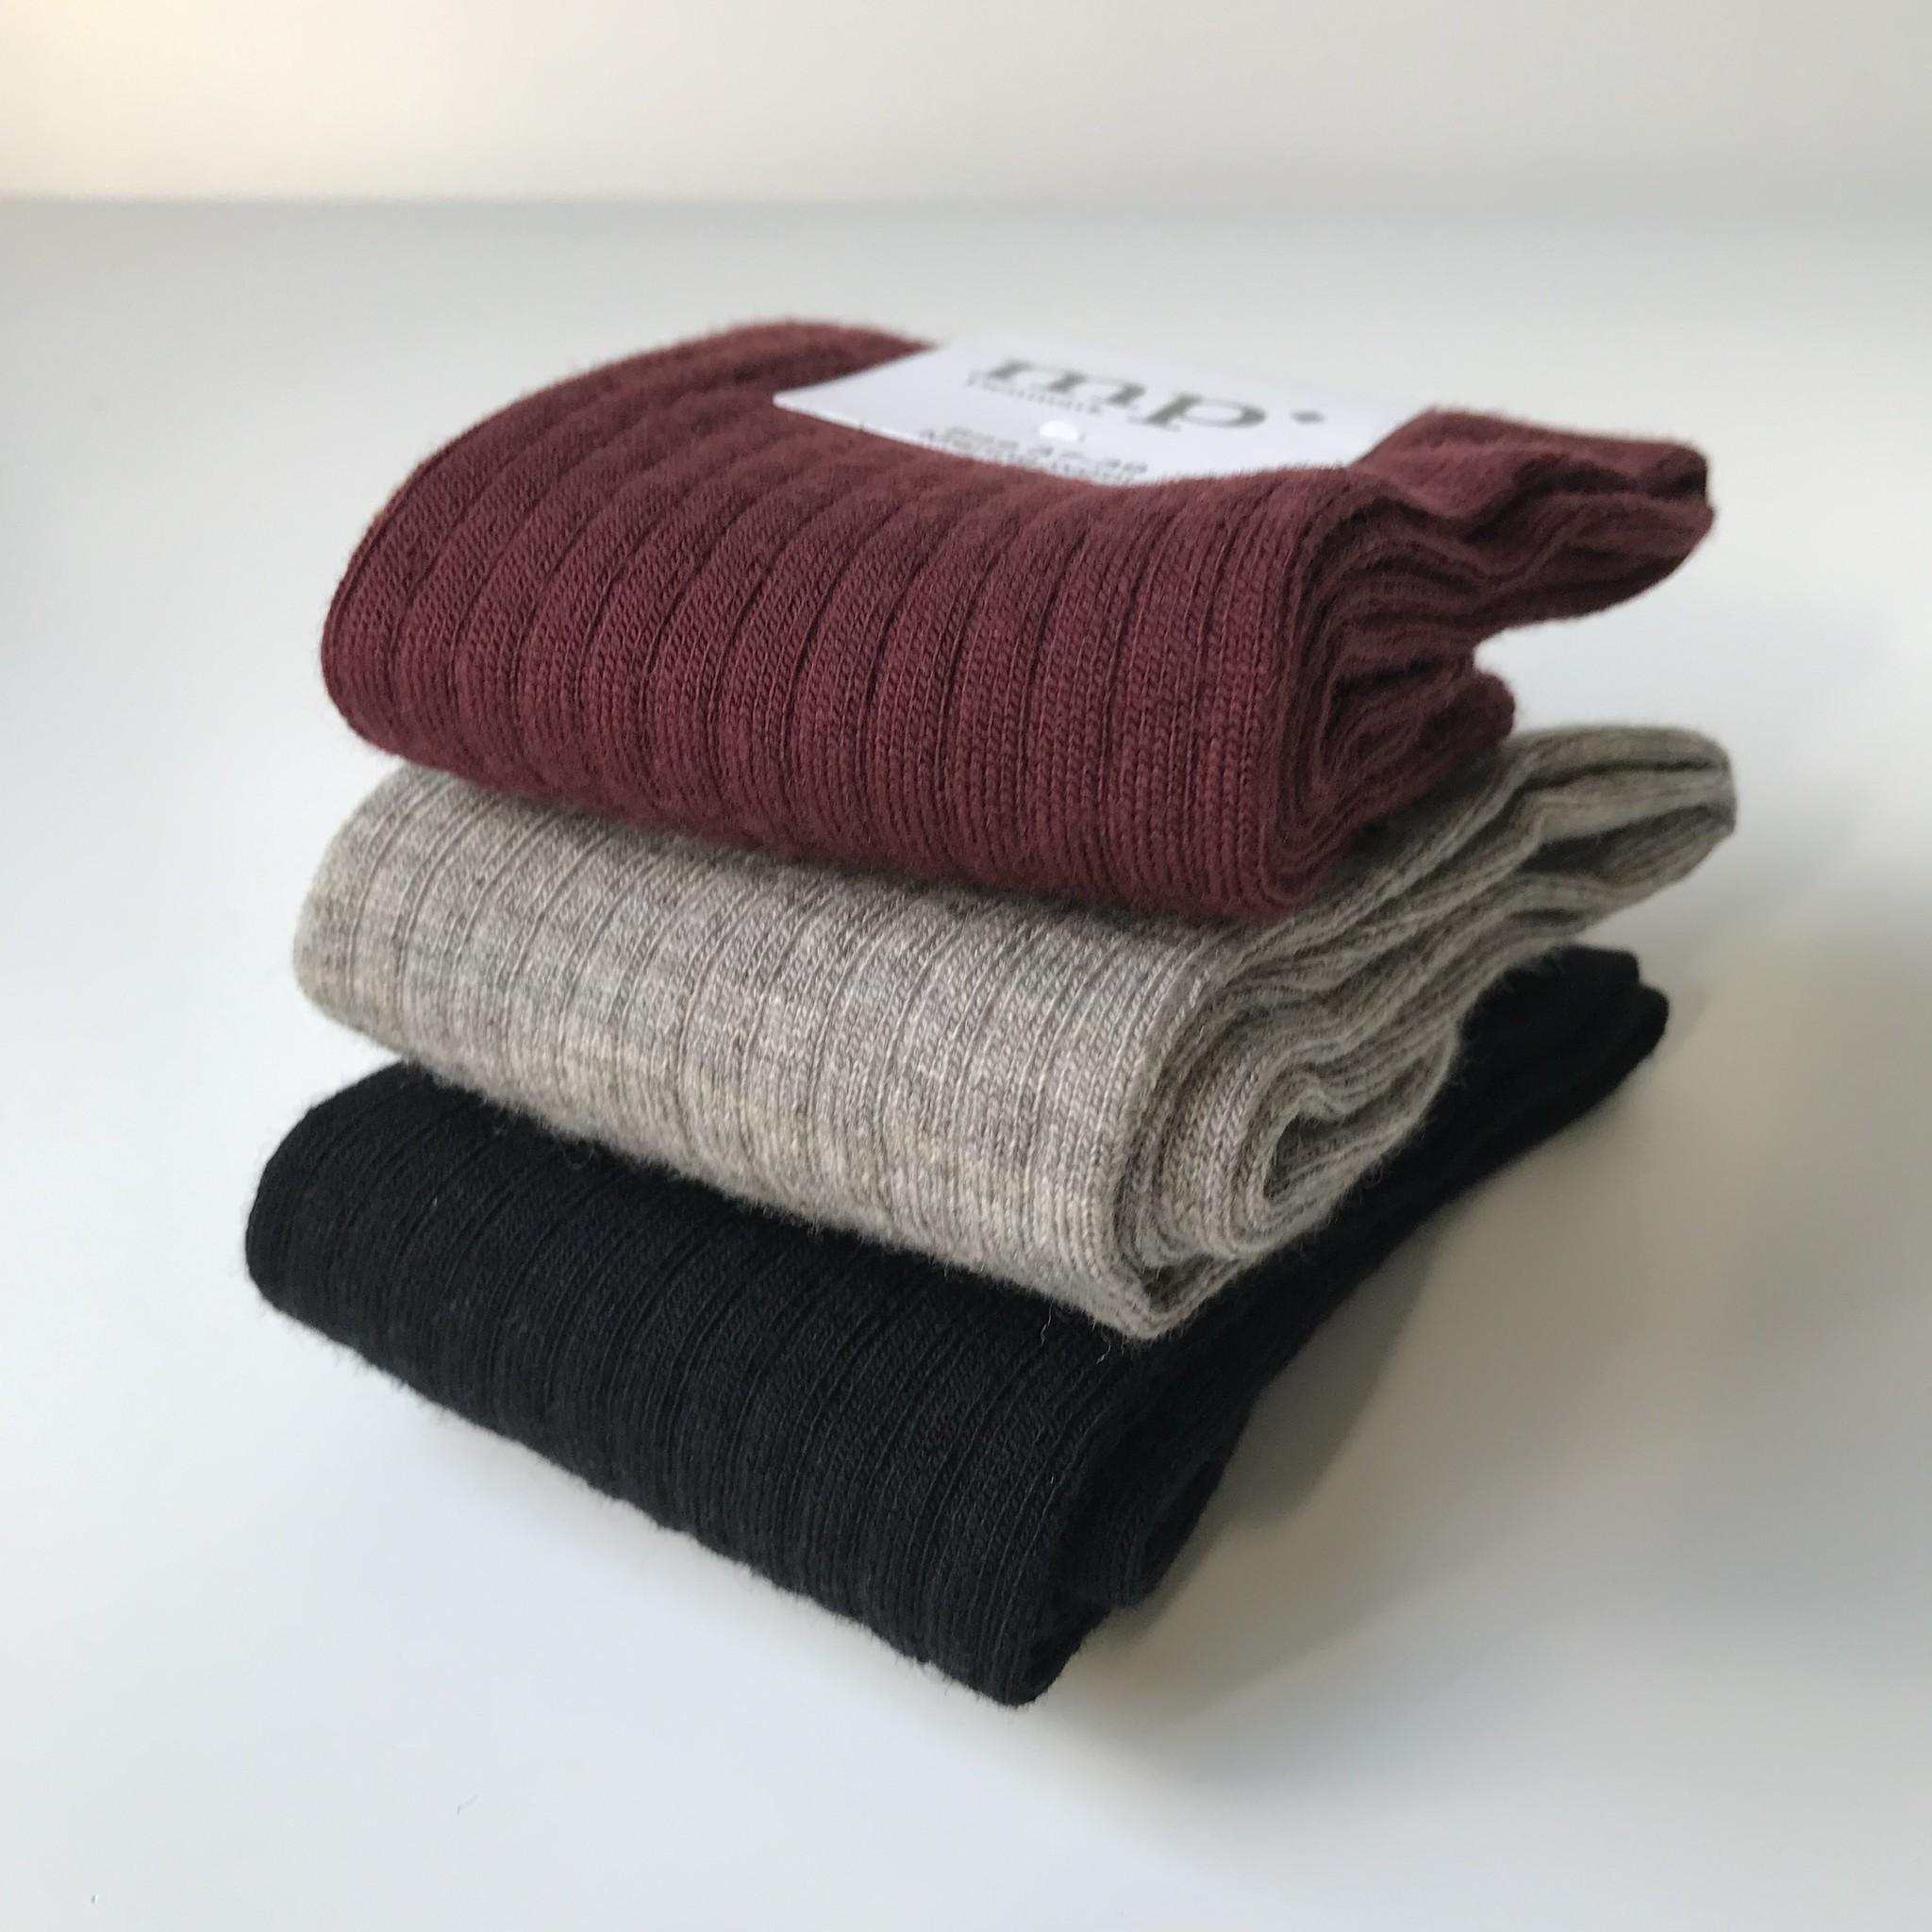 MP Denmark wollen sokken - 80% merino wool - gemeleerd beige  - maat 37 tm 46